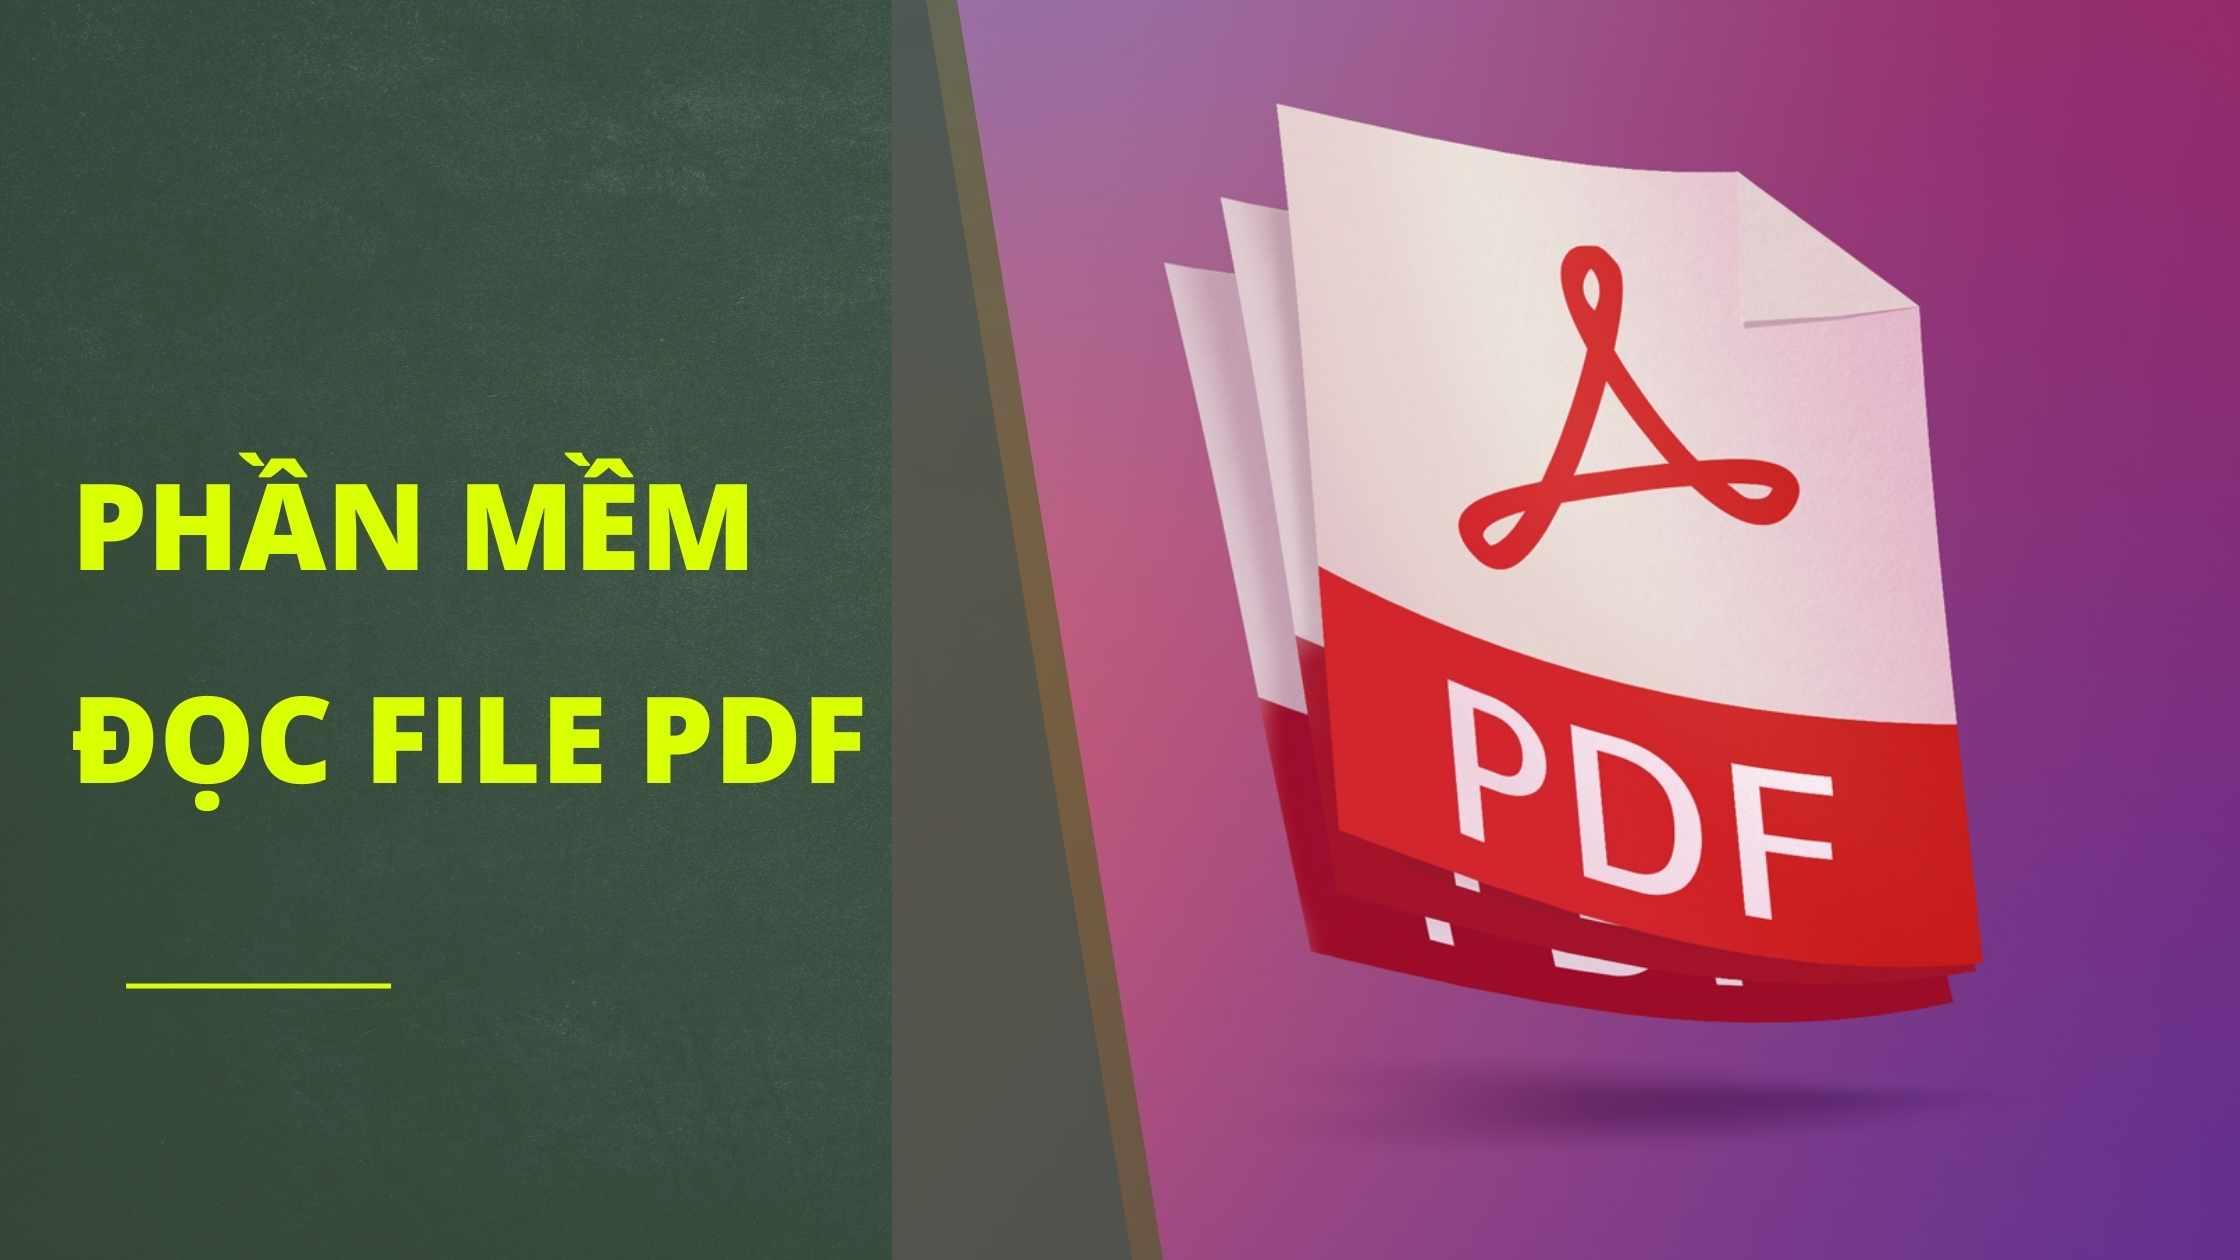 9 Phần mềm đọc file pdf miễn phí trên máy tính laptop